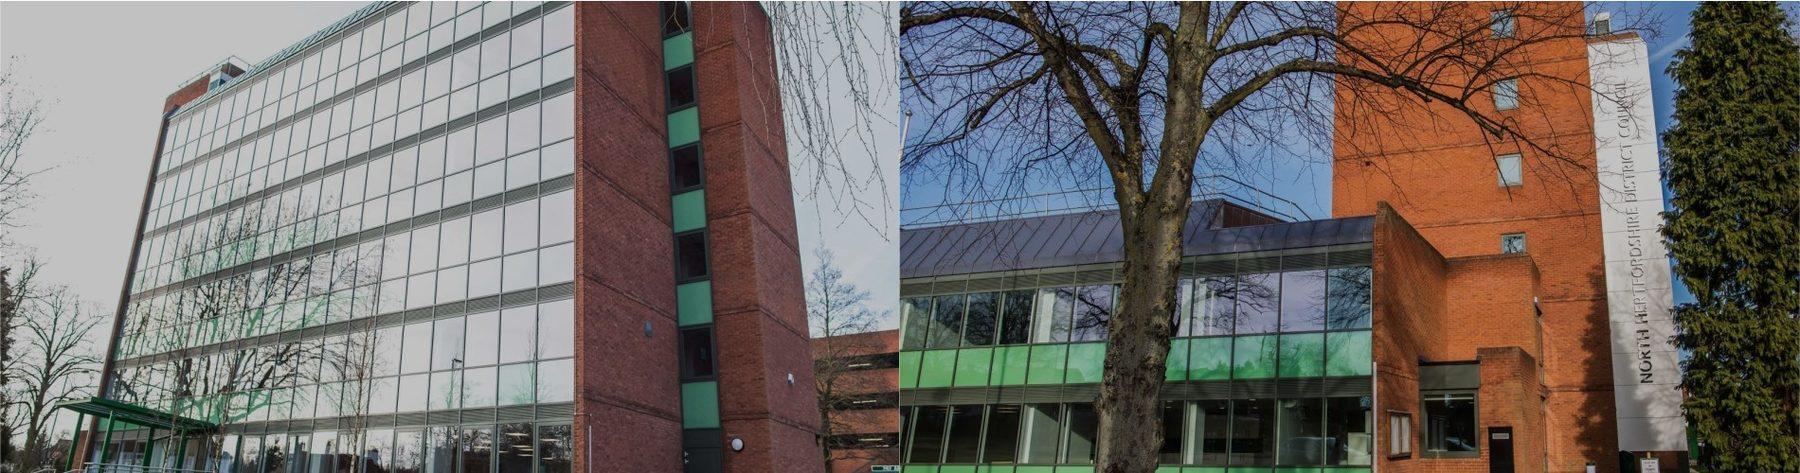 Company Image (Ceetech: Buildings)